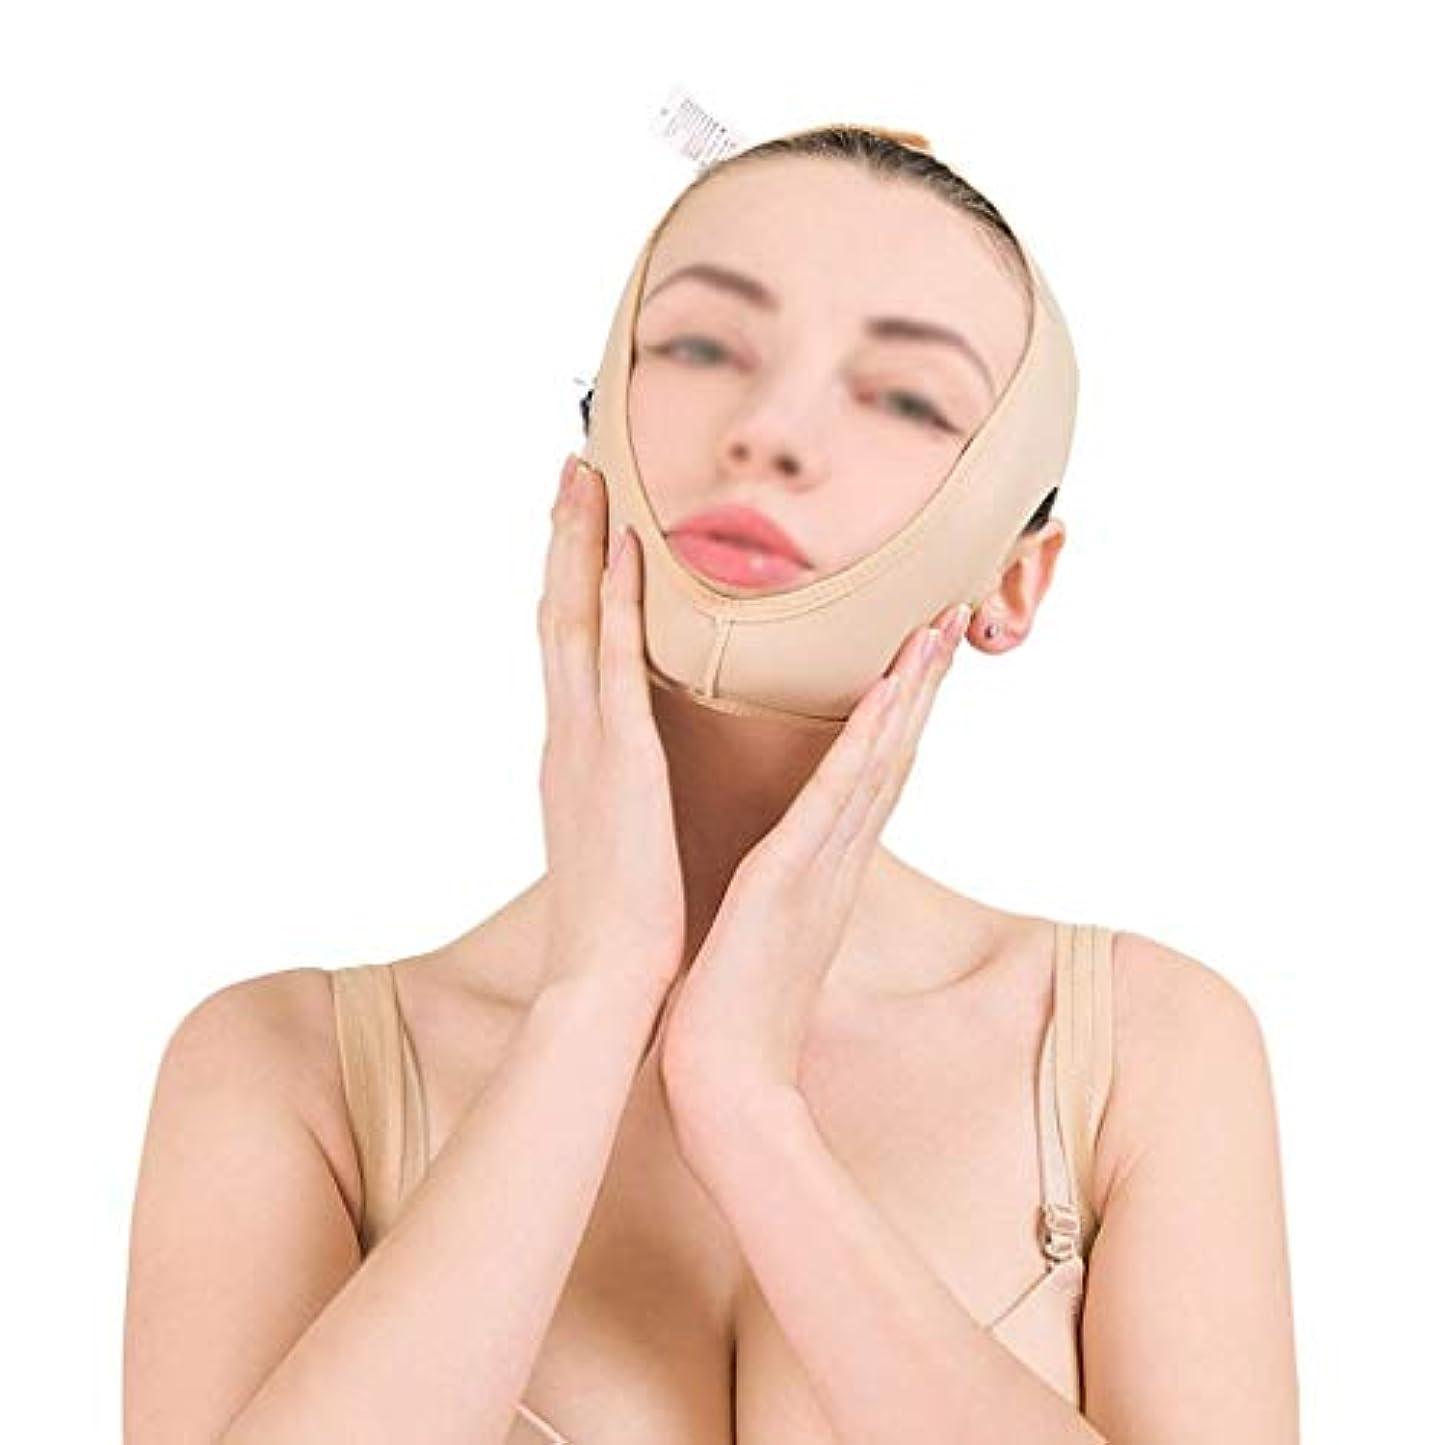 フィット橋脚建築マスク減量、肌の包帯を引き締めるリフティングフェイスバンド、フェイスリフティング、ダブルチンビューティバンデージ、フェイスリフト(サイズ:L),XL